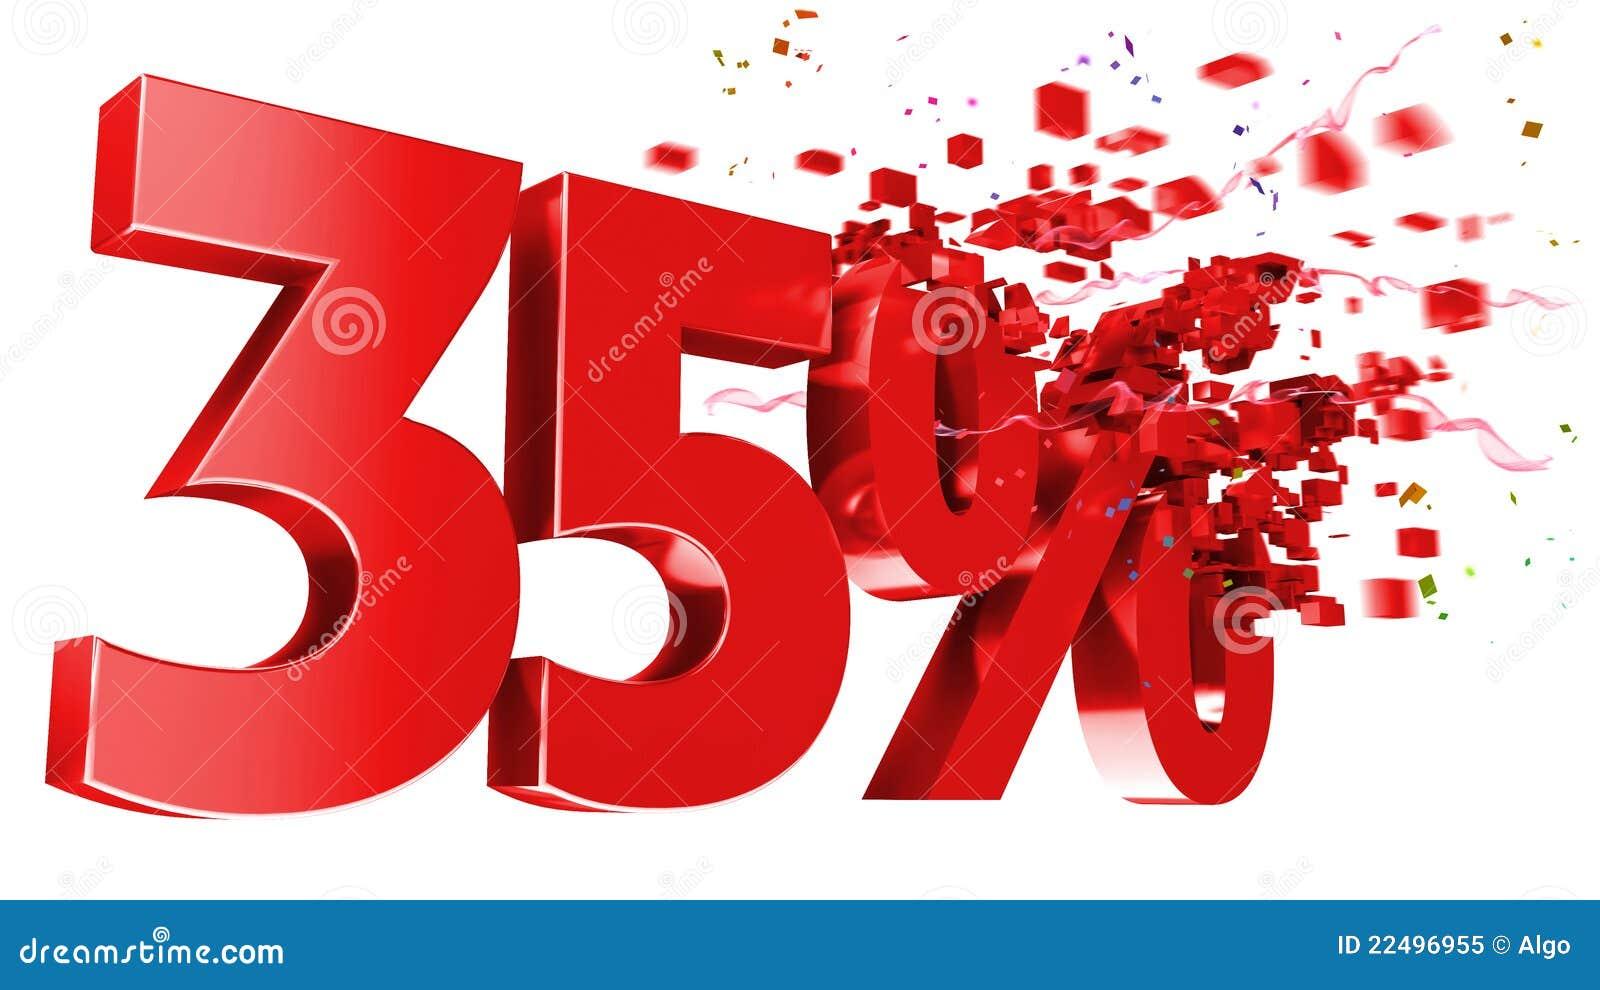 explosive 35 percent off on white background stock illustration illustration 22496955. Black Bedroom Furniture Sets. Home Design Ideas